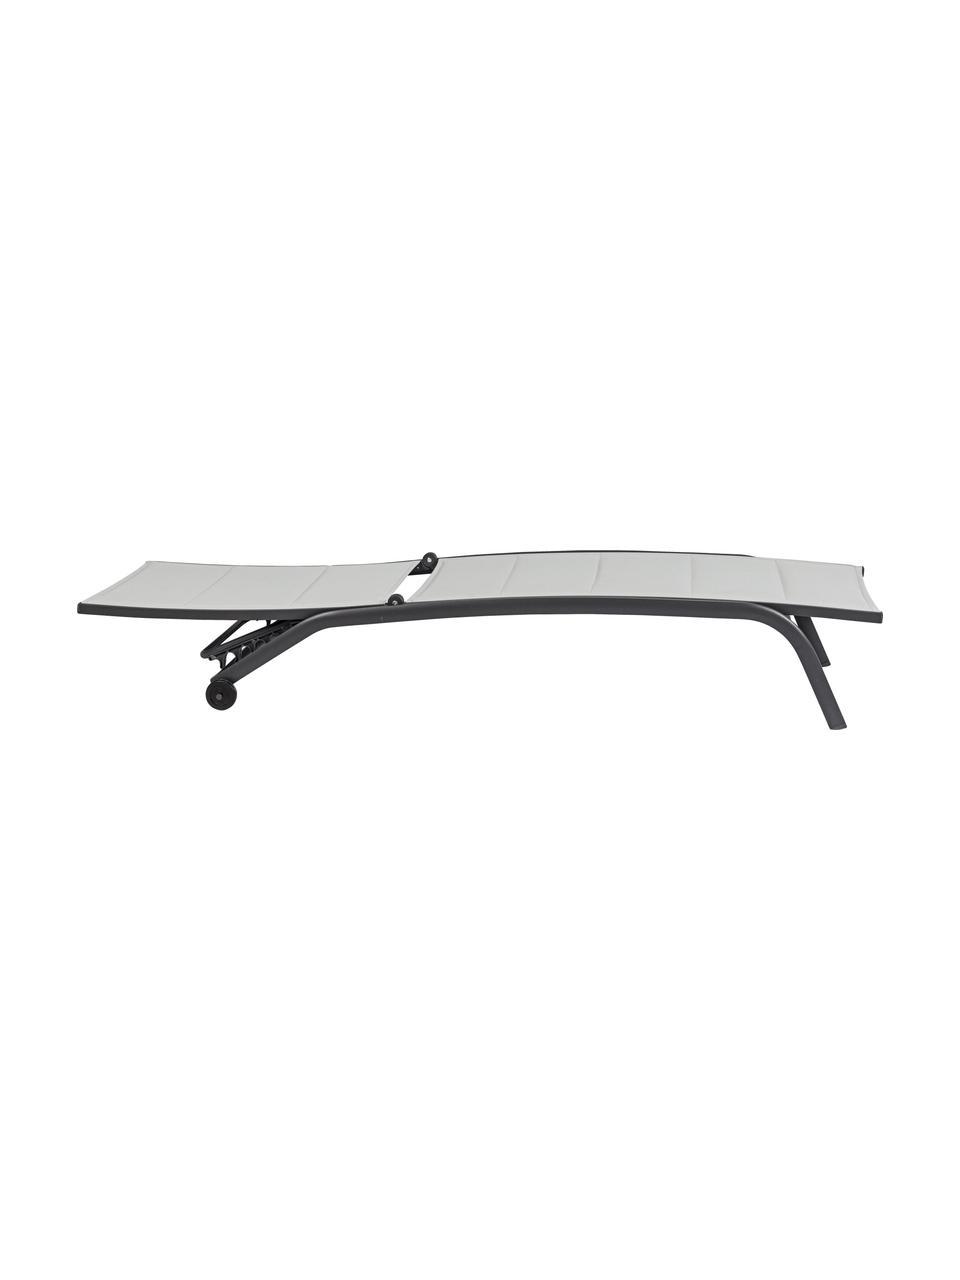 Leżak ogrodowy Cleopas, Tapicerka: 100% poliester, Stelaż: aluminium, malowane prosz, Antracytowy, D 192 x S 61 cm